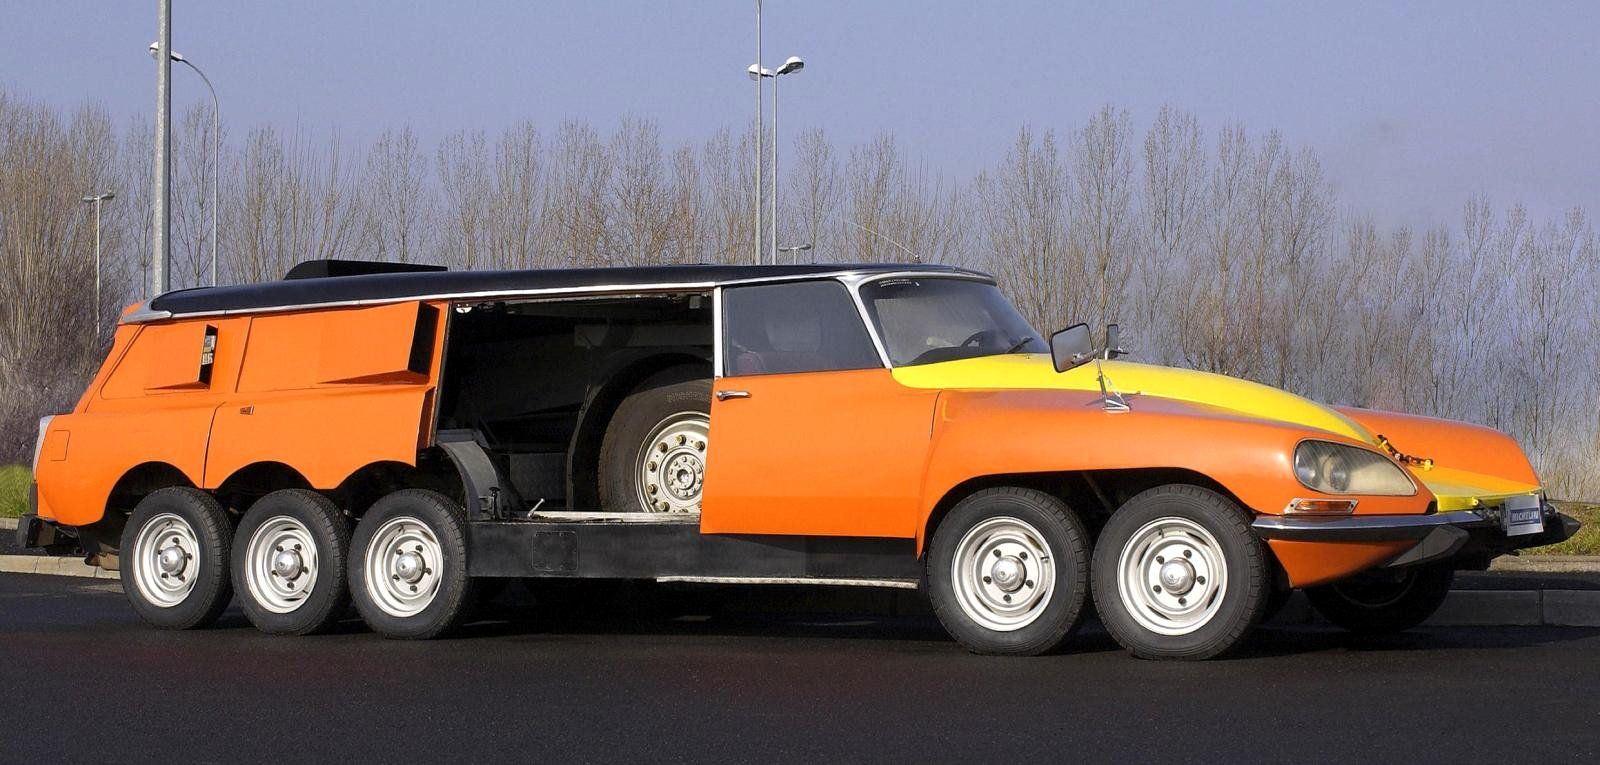 Citroën : deux des modèles les plus « fous » de l'histoire ! Par Frédéric Lagadec  Citroen-DS-Mille-Pattes-Michelin